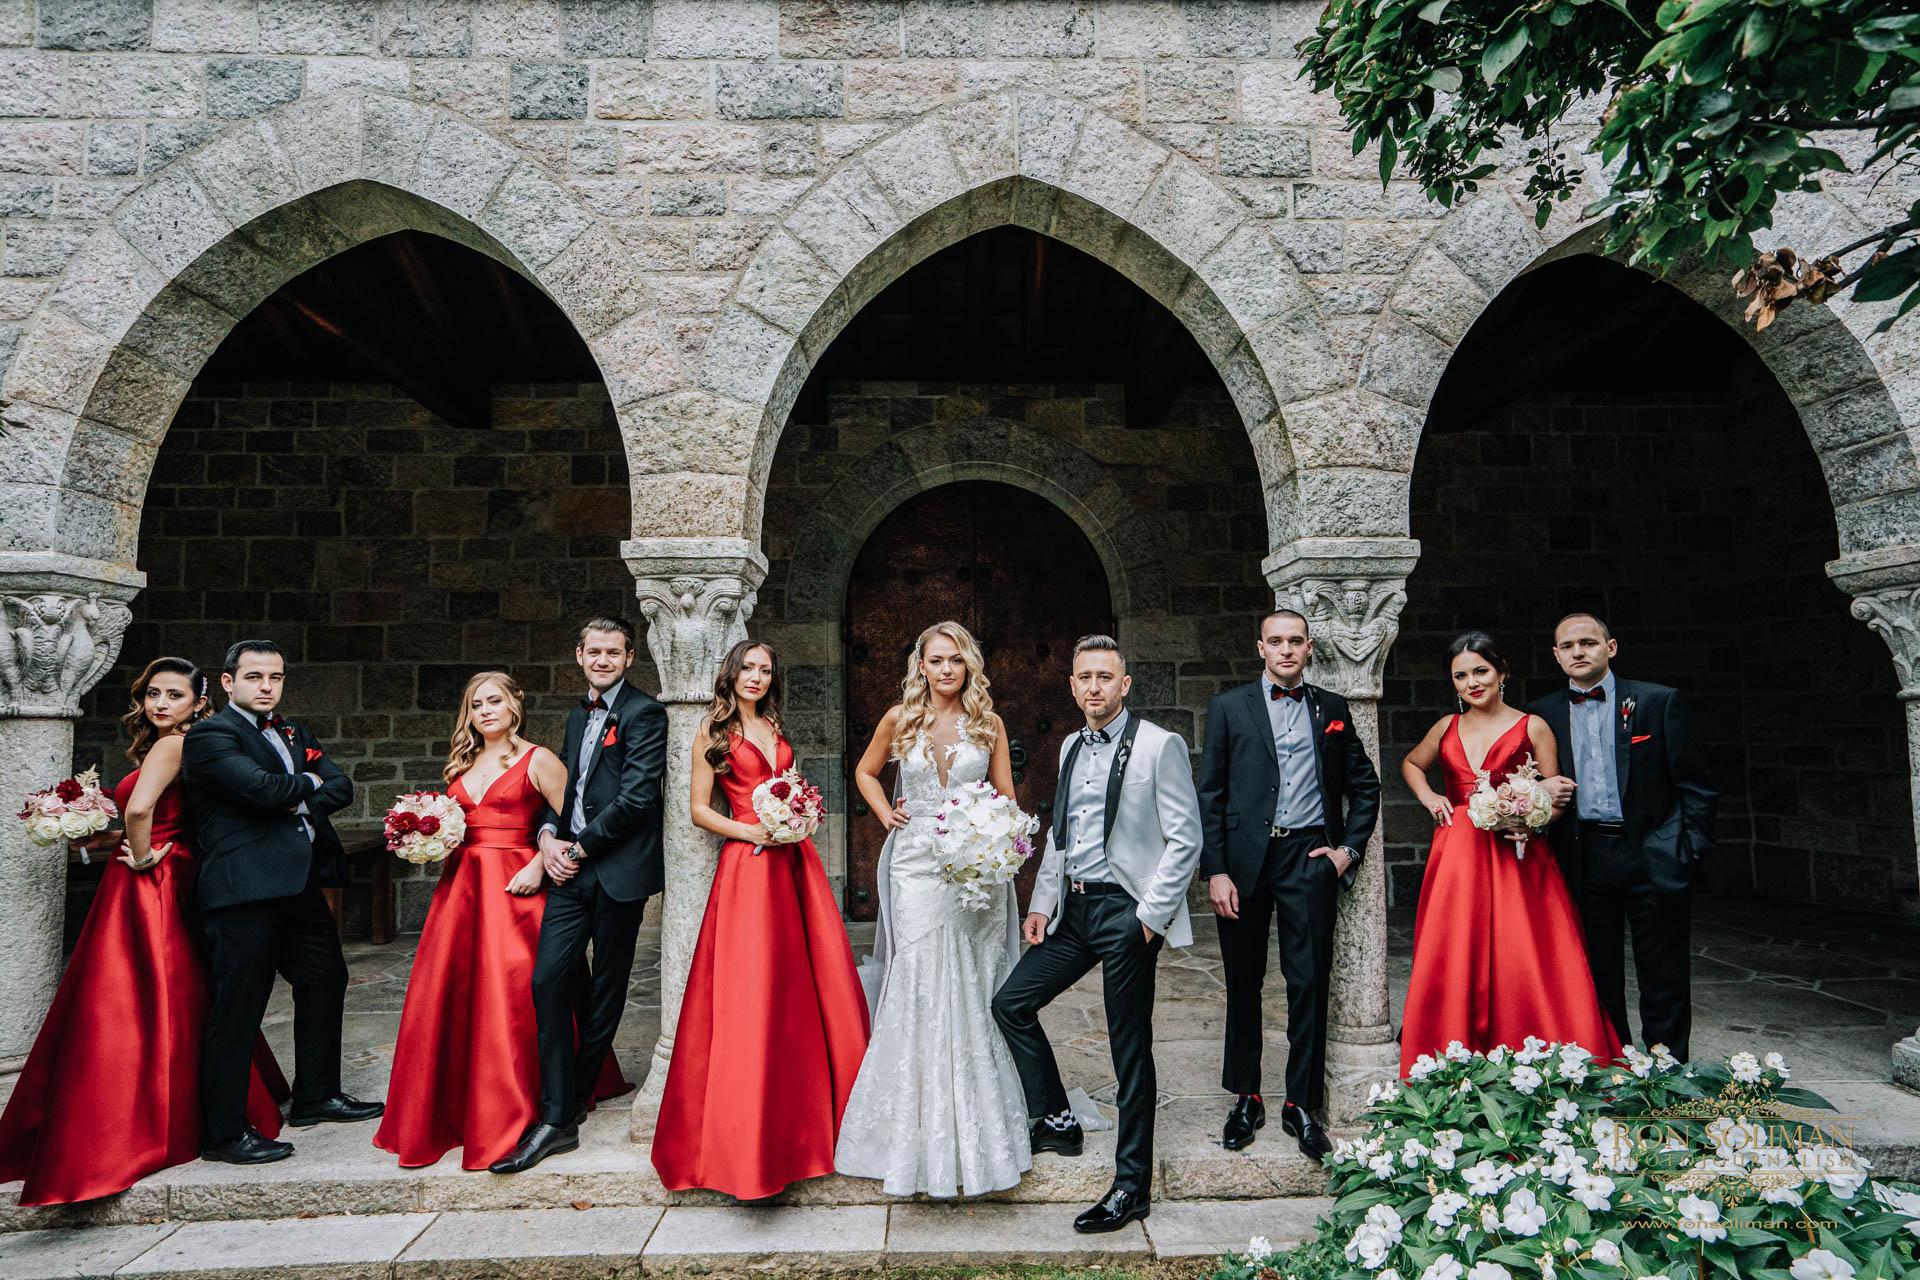 GOLDEN GATES RESTAURANT WEDDING 16